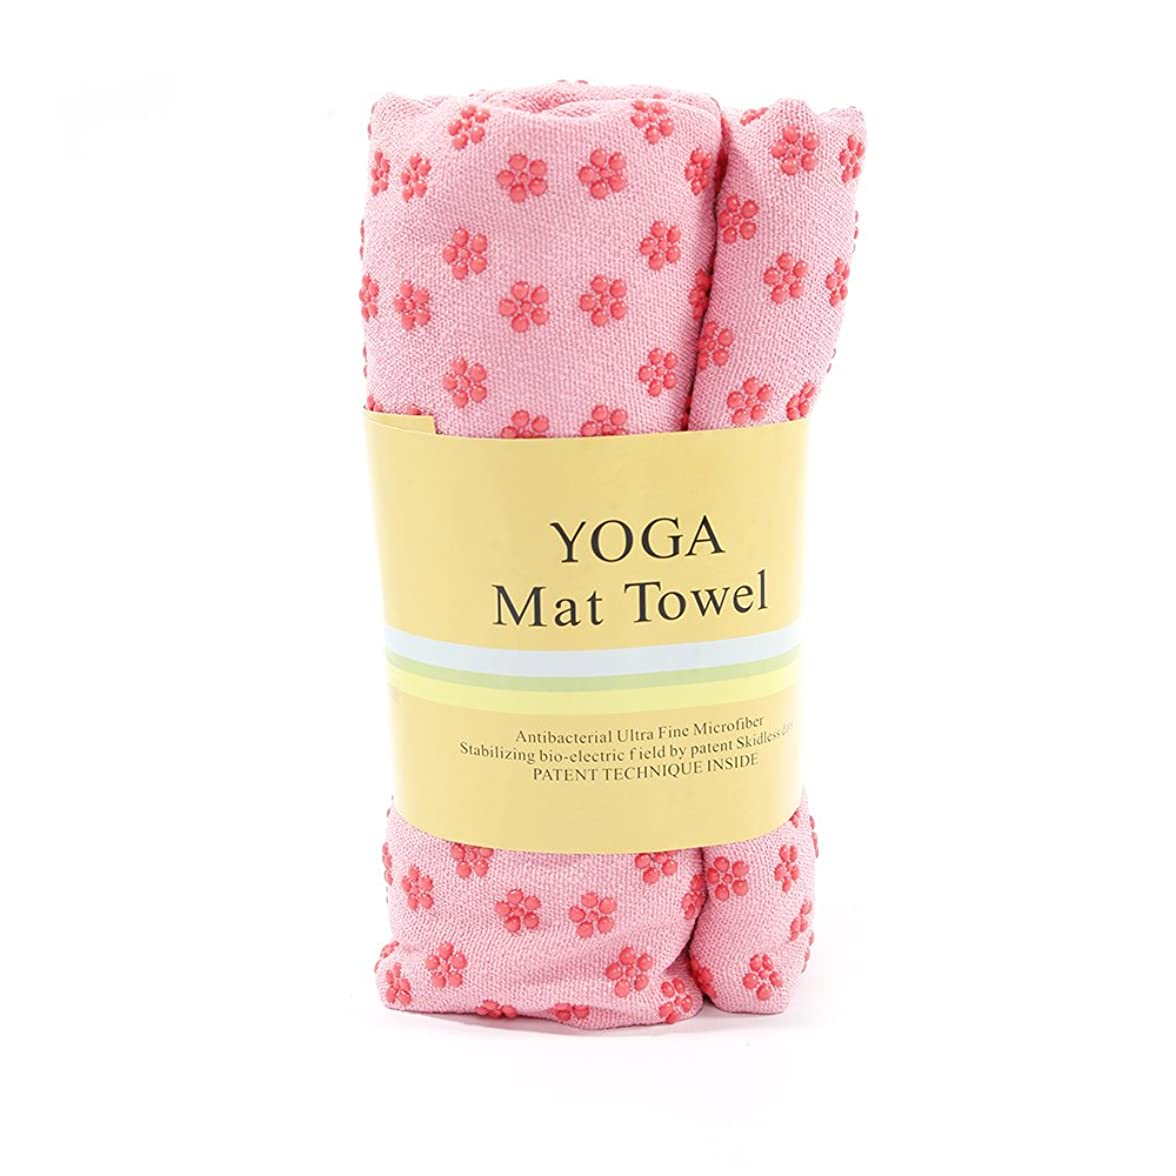 差別的競争力のあるメトロポリタンタオル マット ヨガタオル ヨガラグ(183 x 61)cm 滑り止め 速乾性 吸水性 洗濯できる yoga フィットネス エクササイズ ヨガ用マット